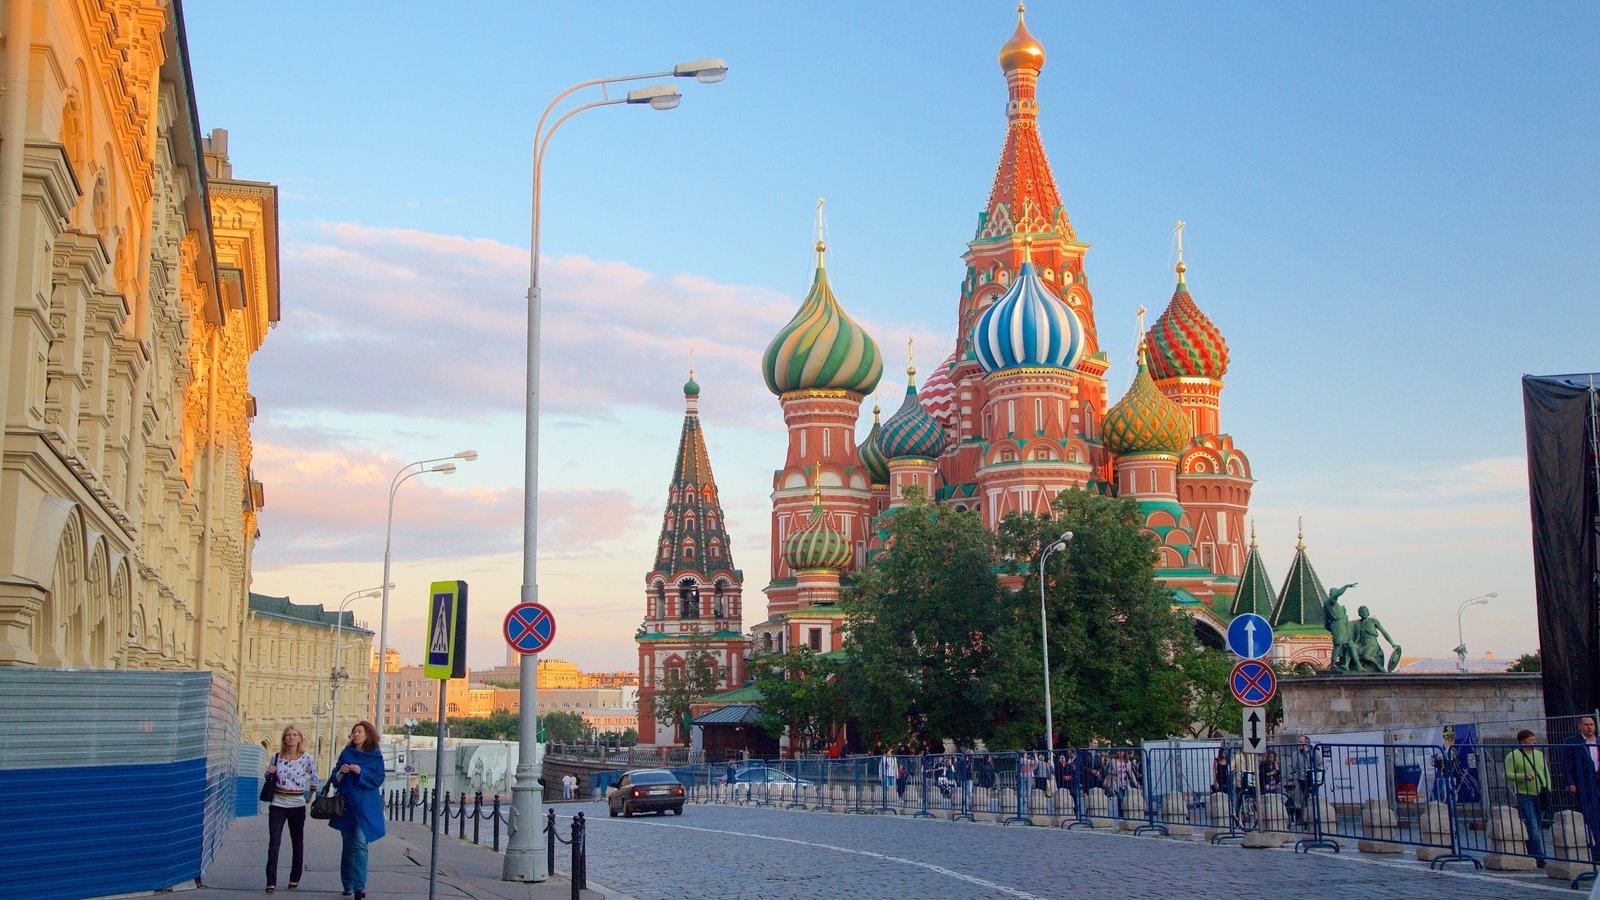 Catedral de St. Basil mostrando arquitetura de patrimônio